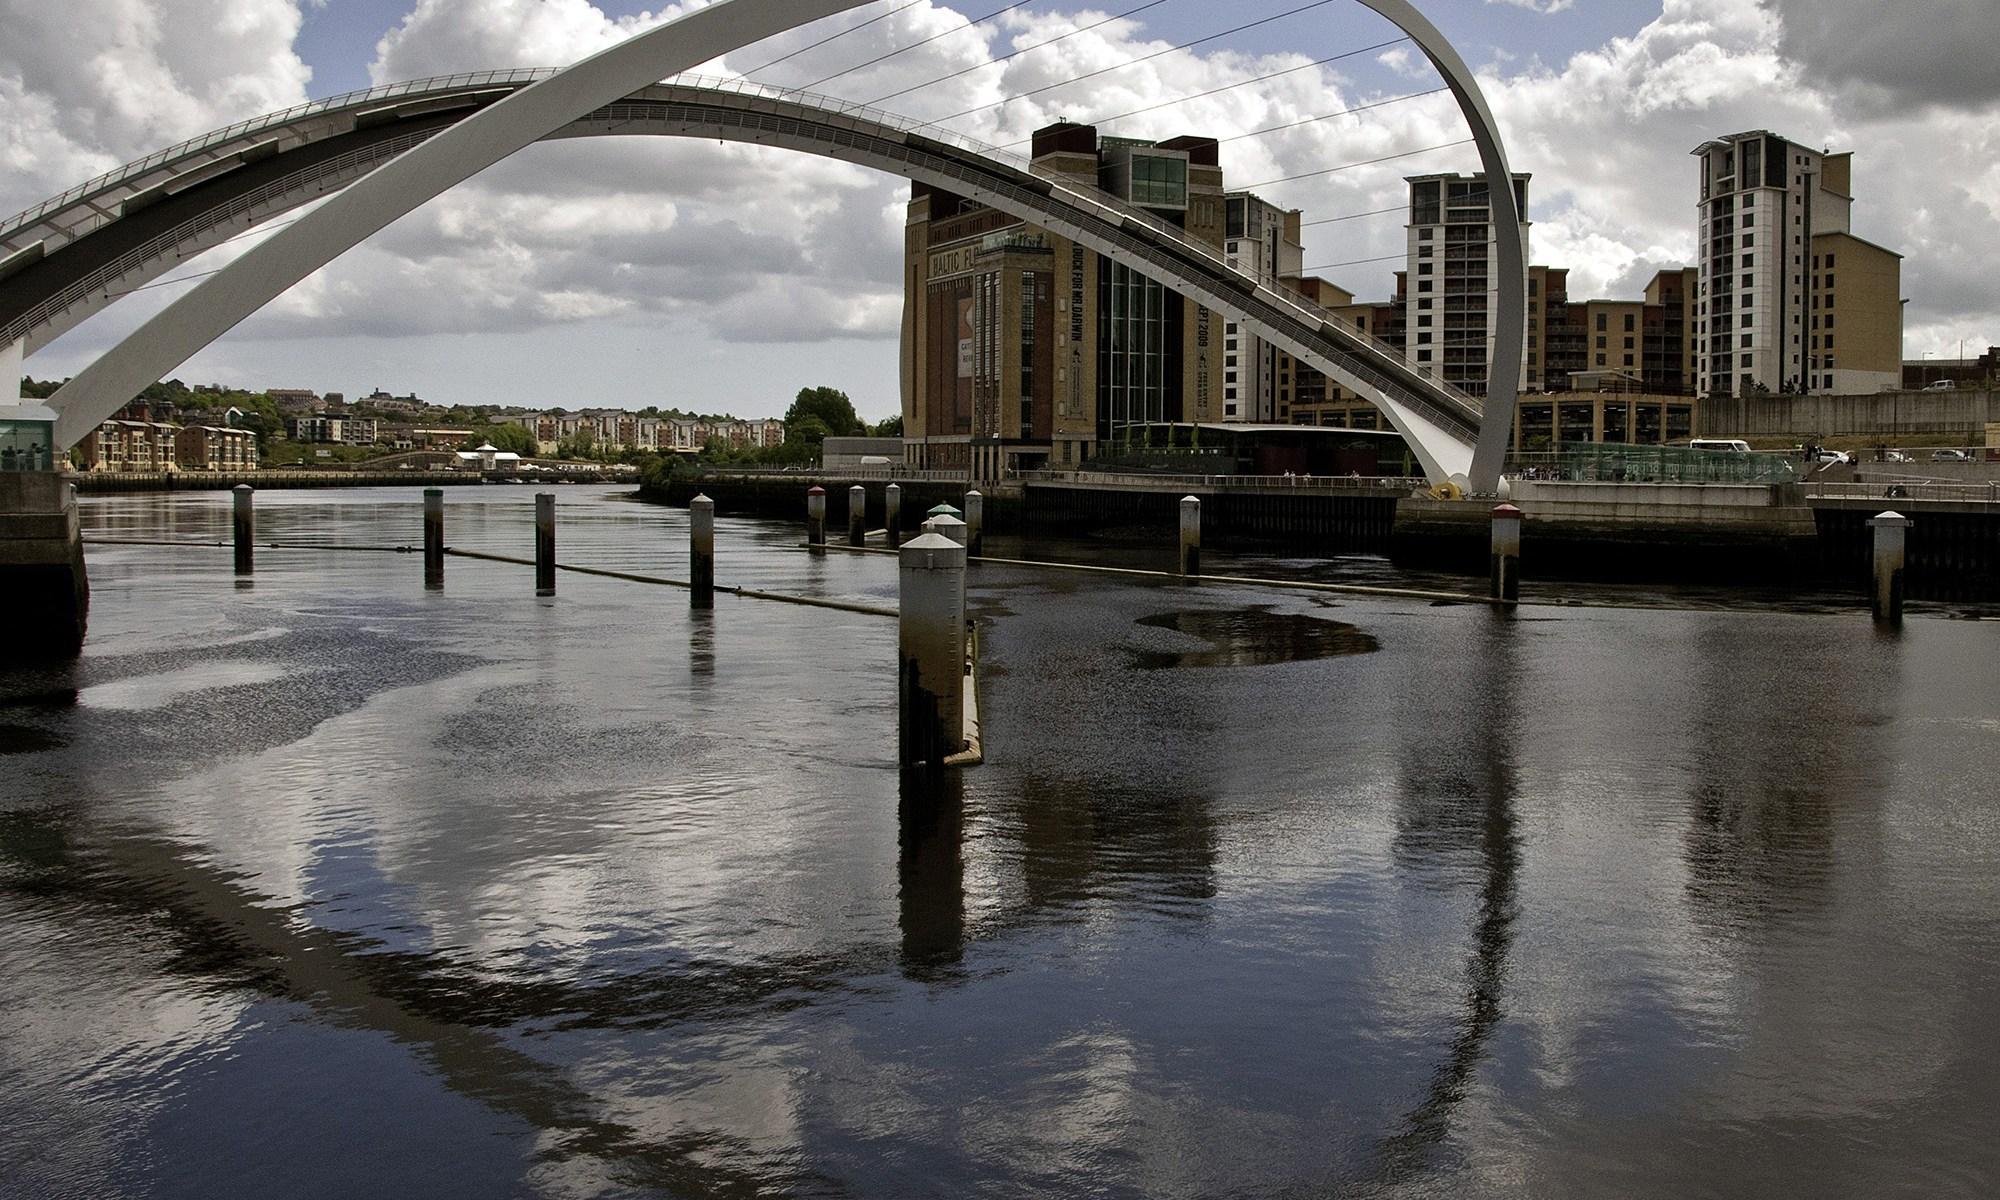 Gateshead Millennium Bridge Raised